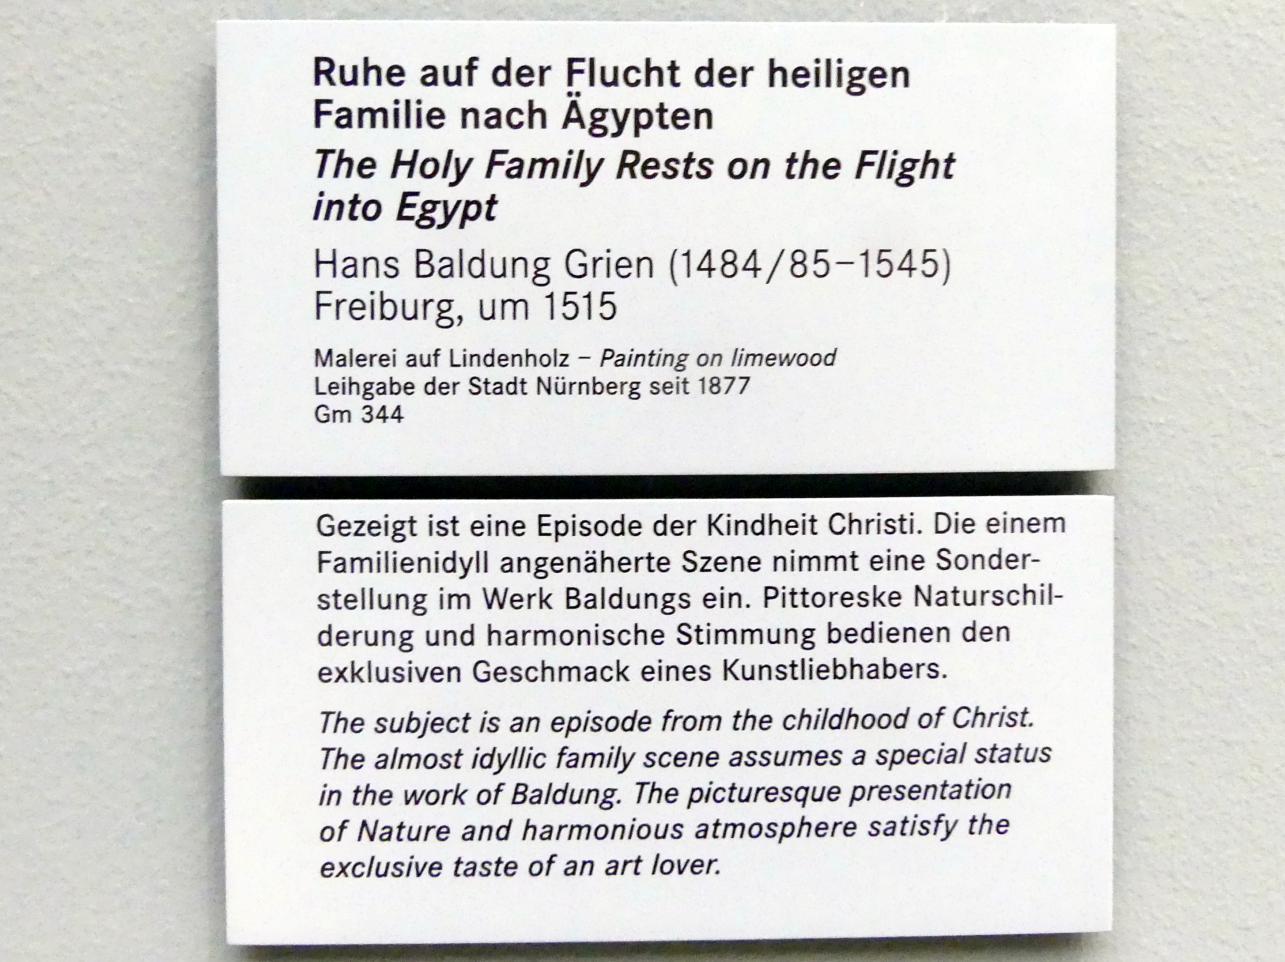 Hans Baldung Grien: Ruhe auf der Flucht der heiligen Familie nach Ägypten, um 1515, Bild 2/2